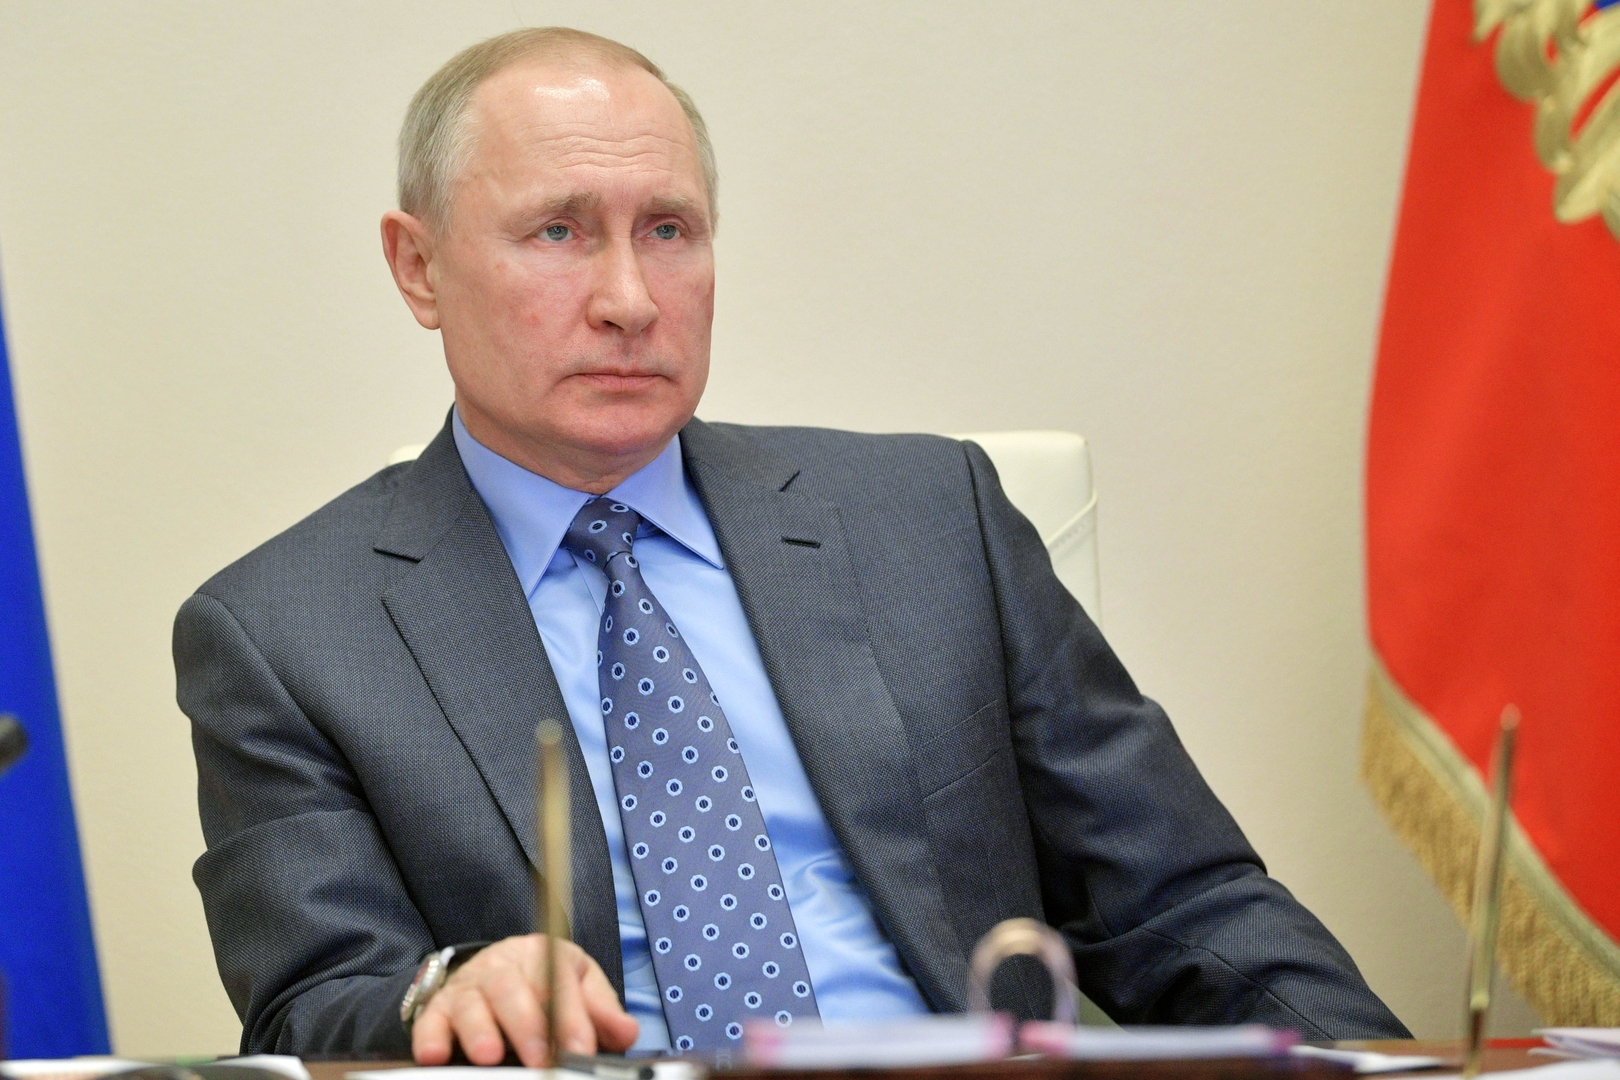 على وقع كورونا.. بوتين يمنح الحكومة صلاحيات إعلان حالة الطوارئ